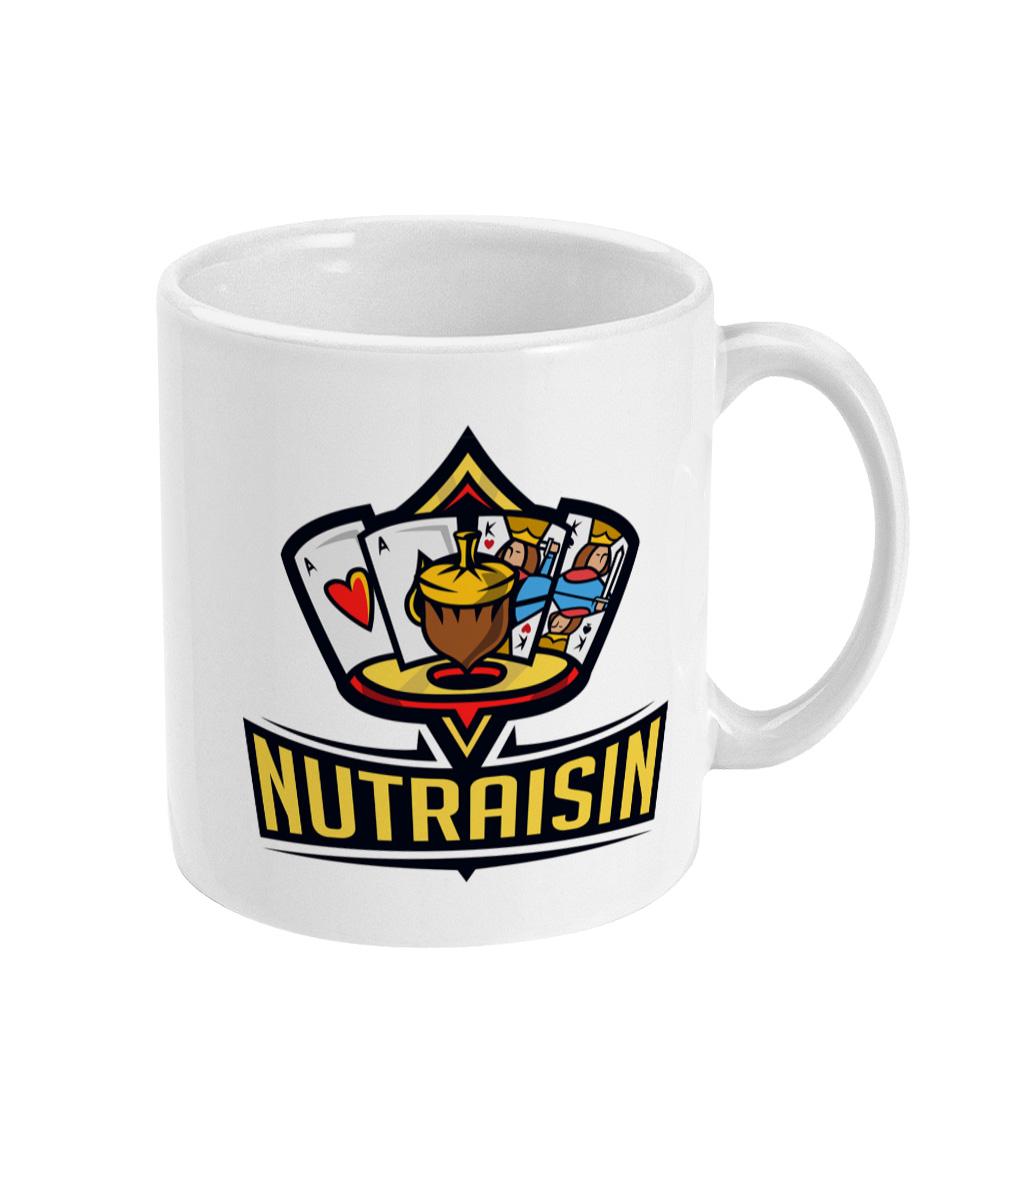 NutRaisin-NutCracker-Mug-Right-1